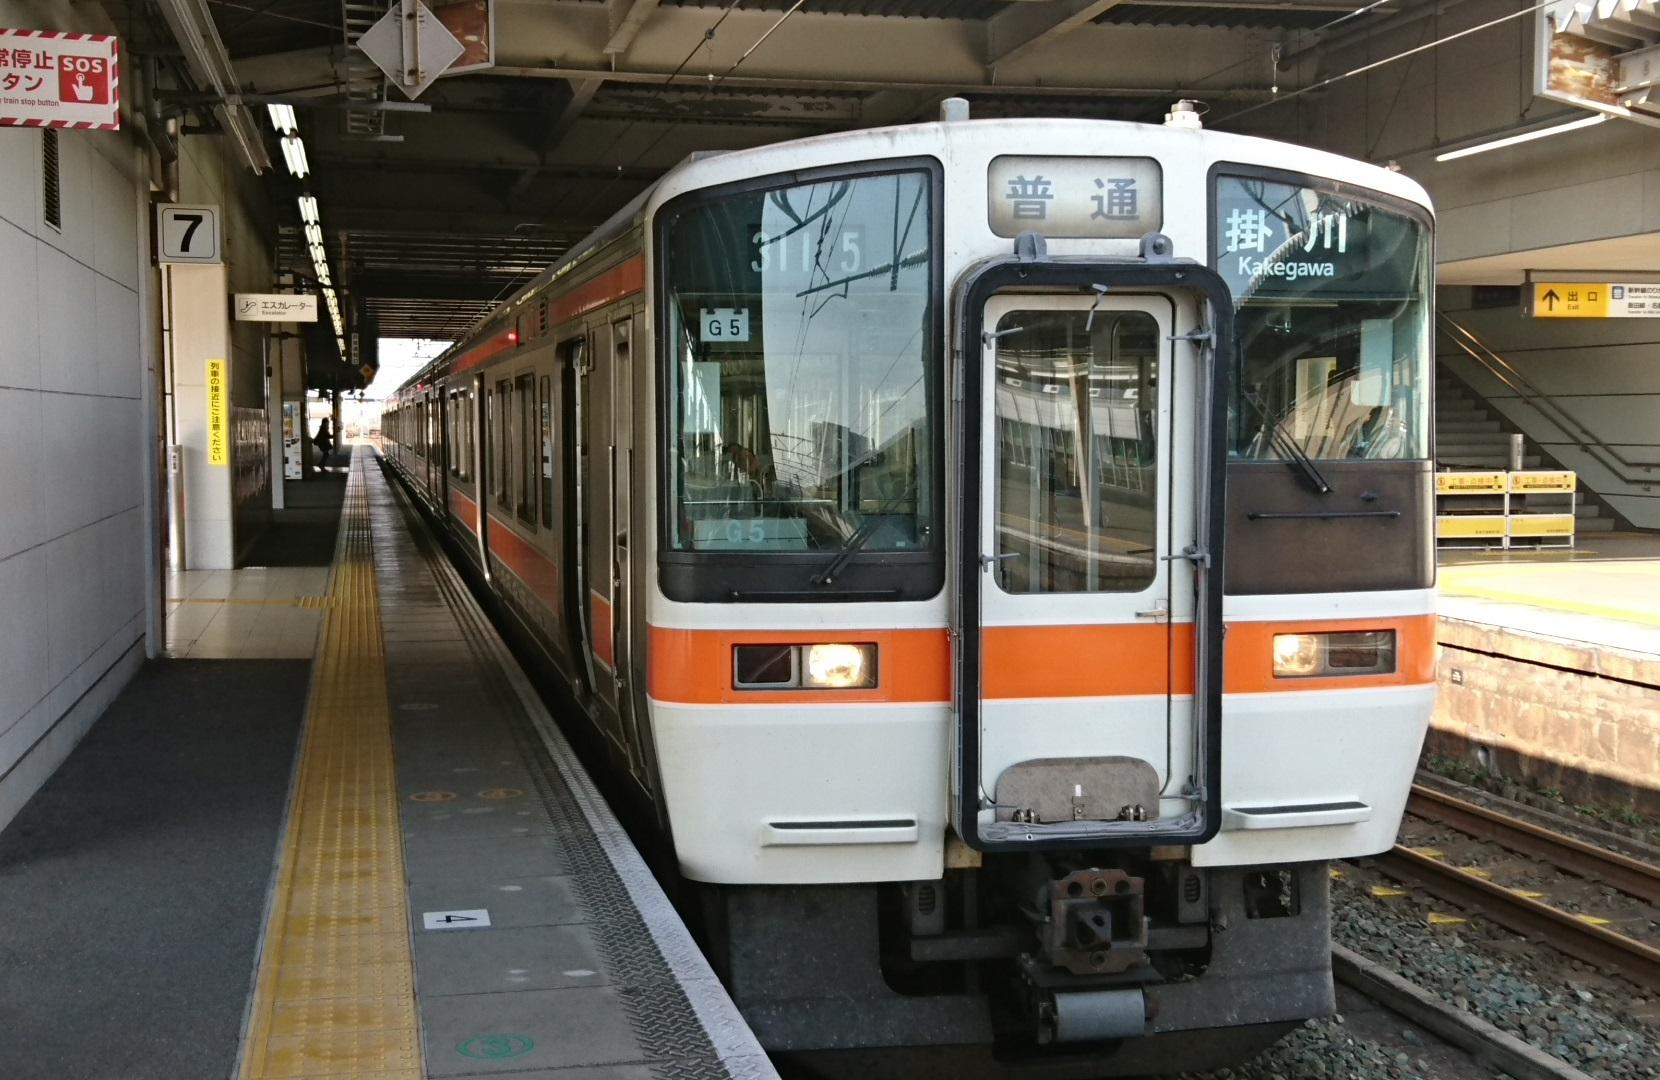 2016.12.9 二川 (3) 豊橋 - 掛川いきふつう 1660-1080